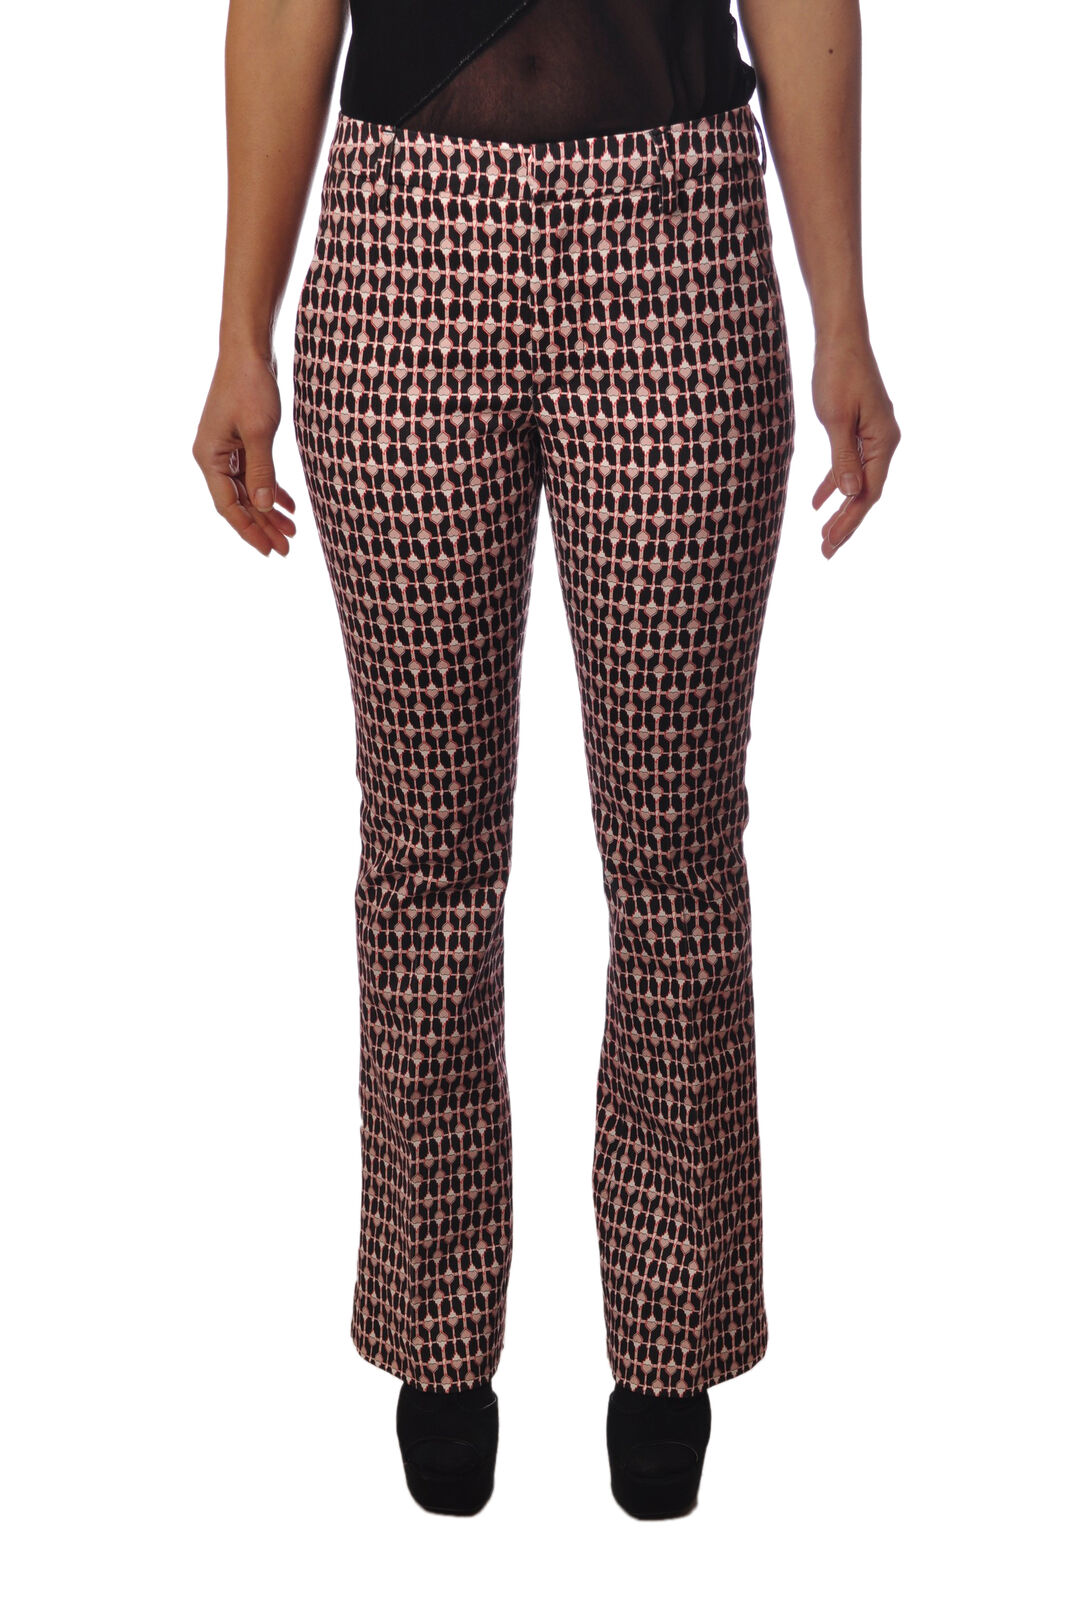 Dondup - Pants-Pants - Woman - Fantasy - 4972426F181509